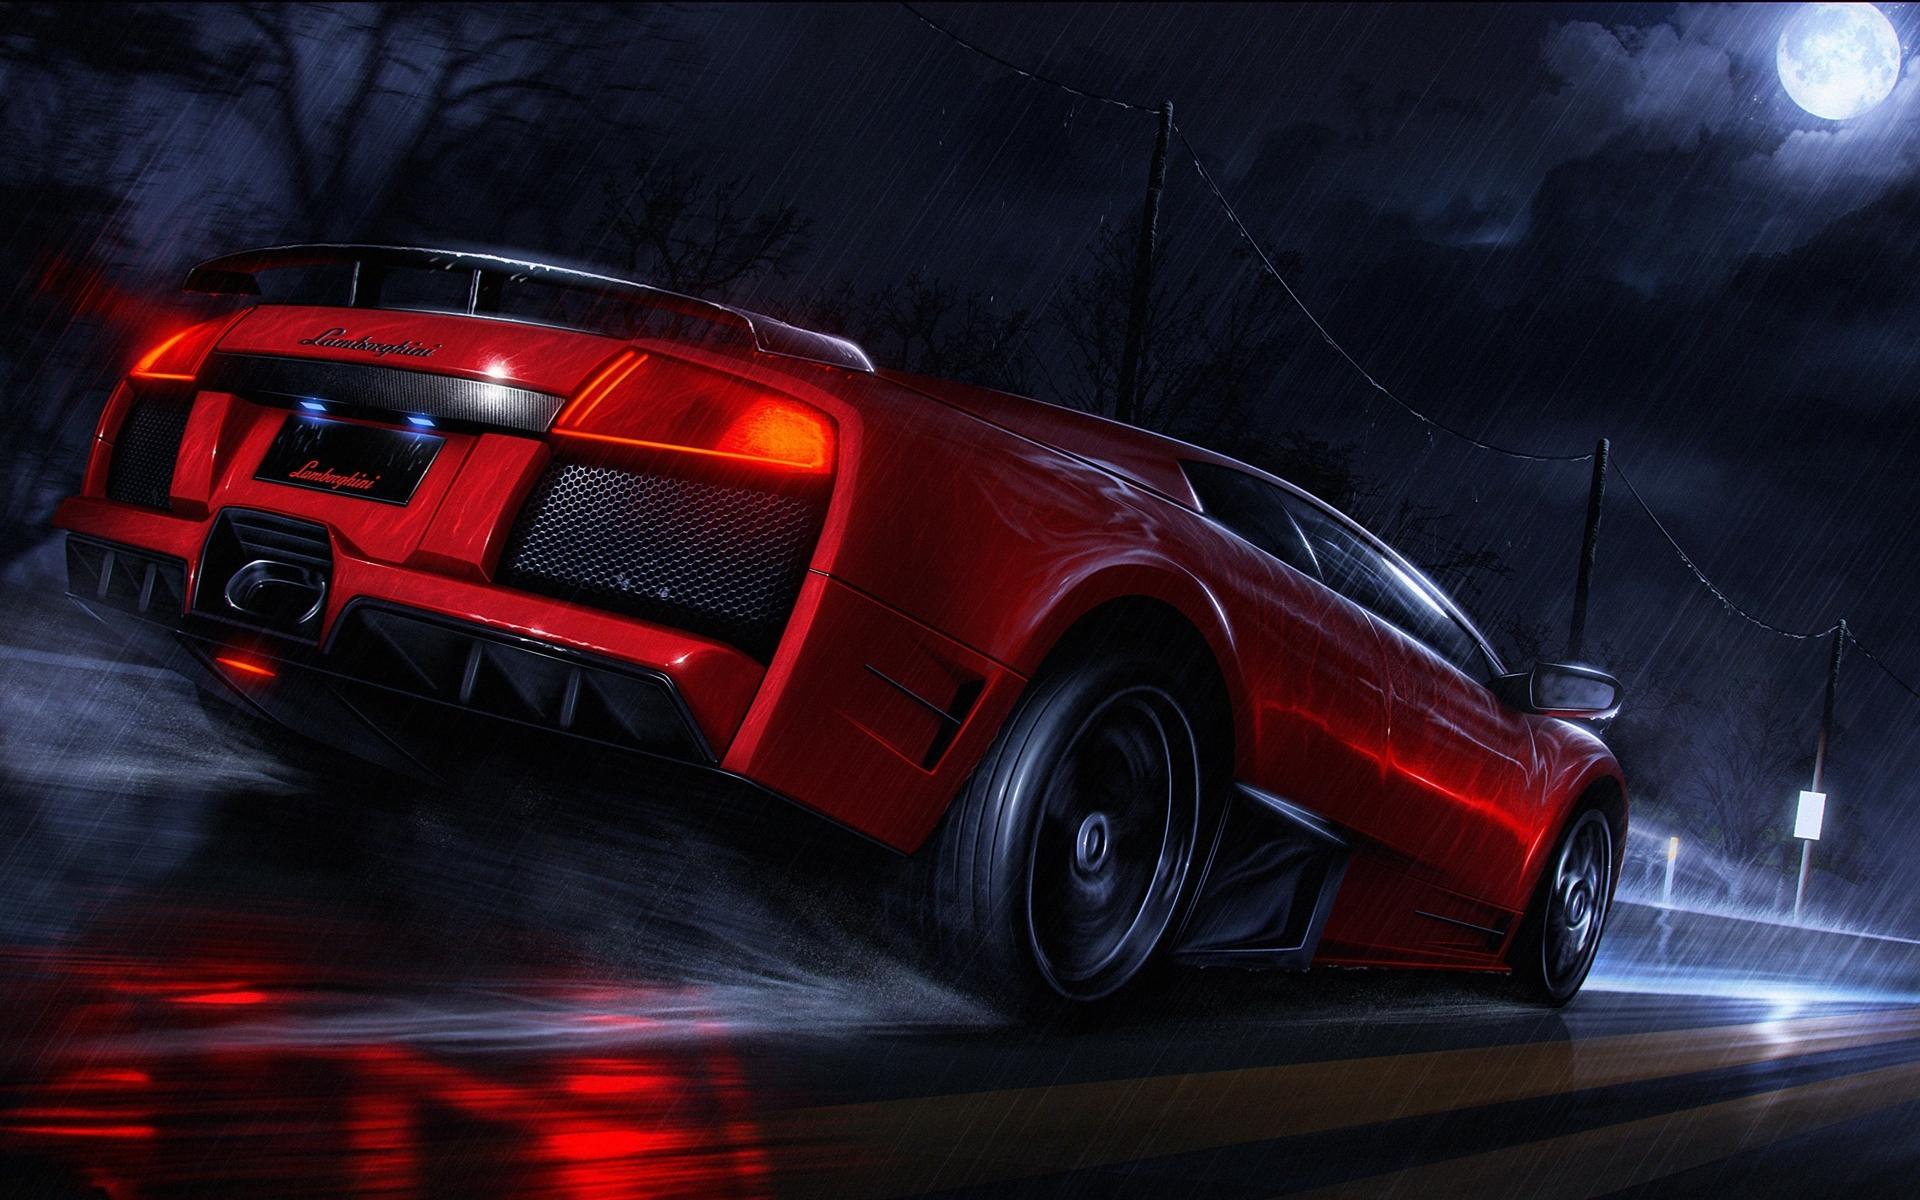 43978 скачать обои Транспорт, Машины, Ламборджини (Lamborghini) - заставки и картинки бесплатно